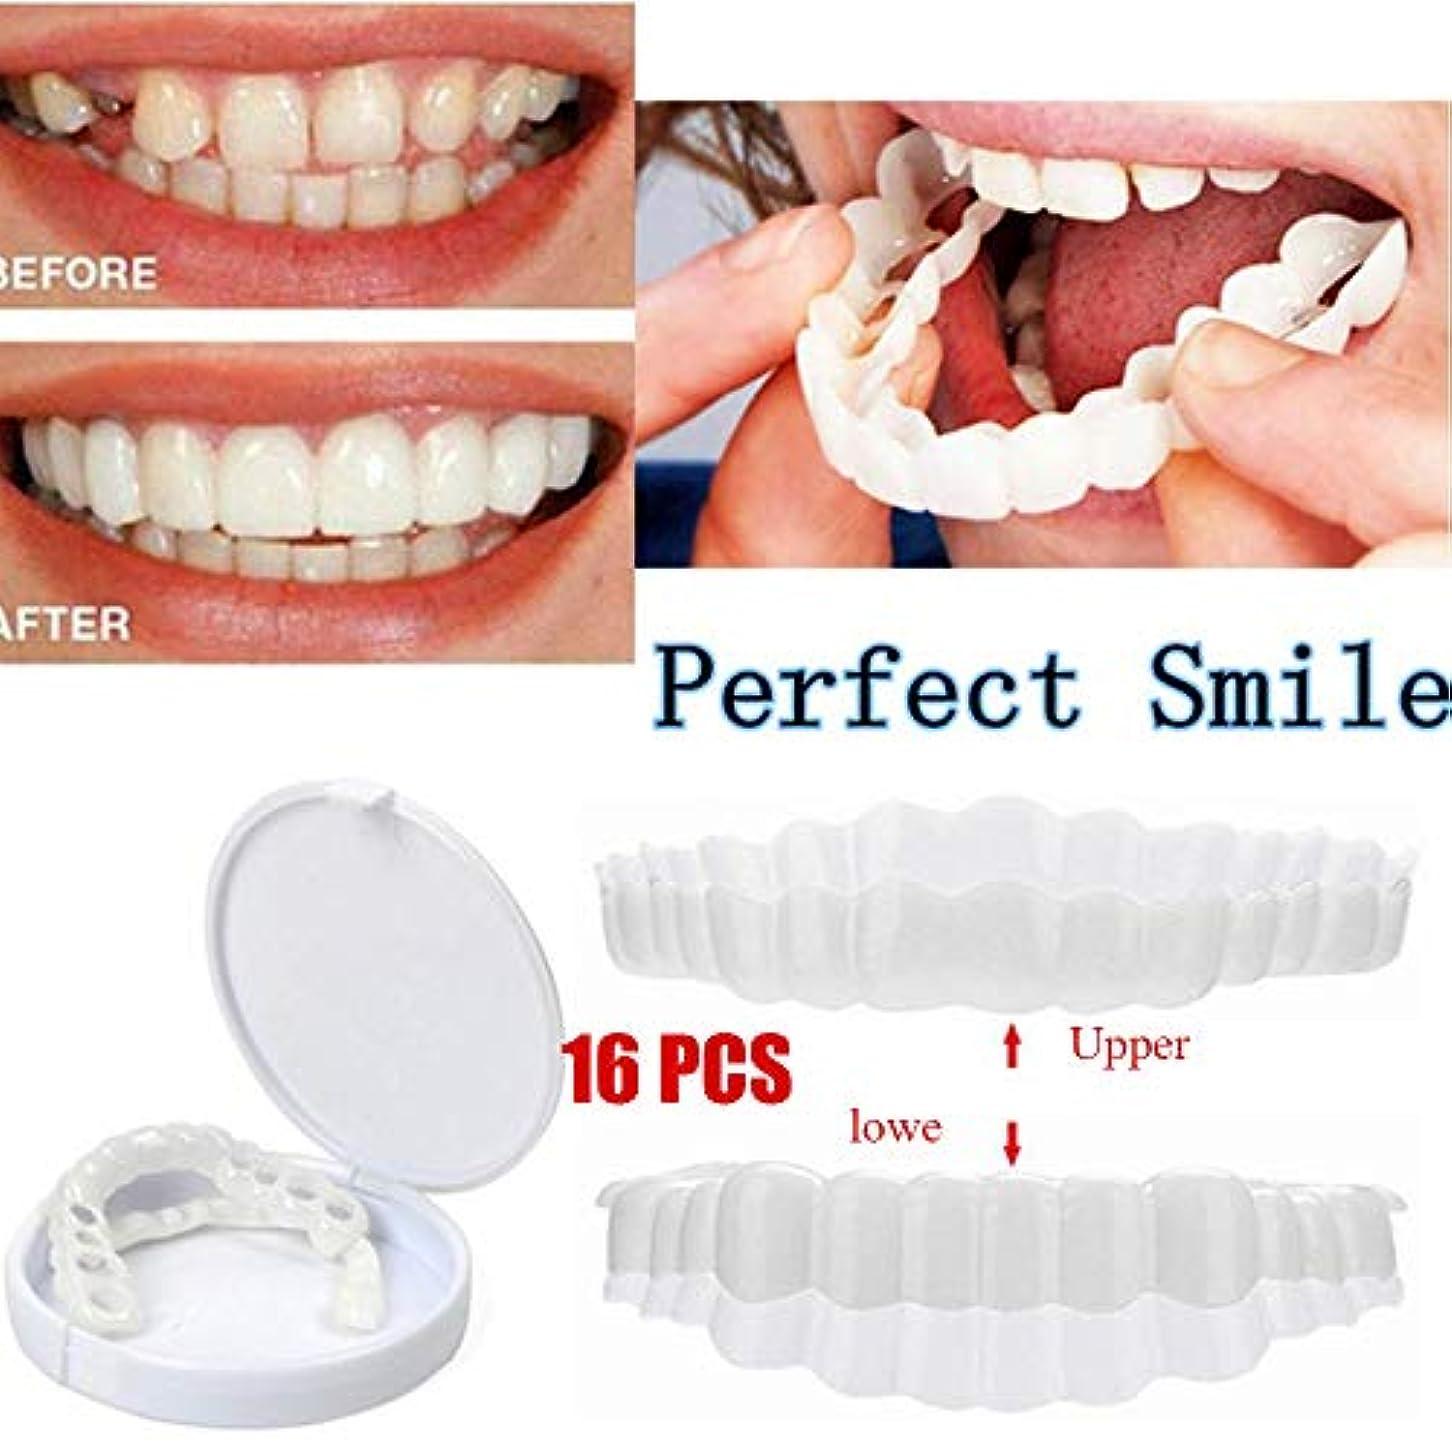 ハック予定ペインギリック義歯のスマイルホワイトニングと弾性ケアに最適な、大人用の新しい上下の義歯16個の再使用可能なPCS(上部+下部)